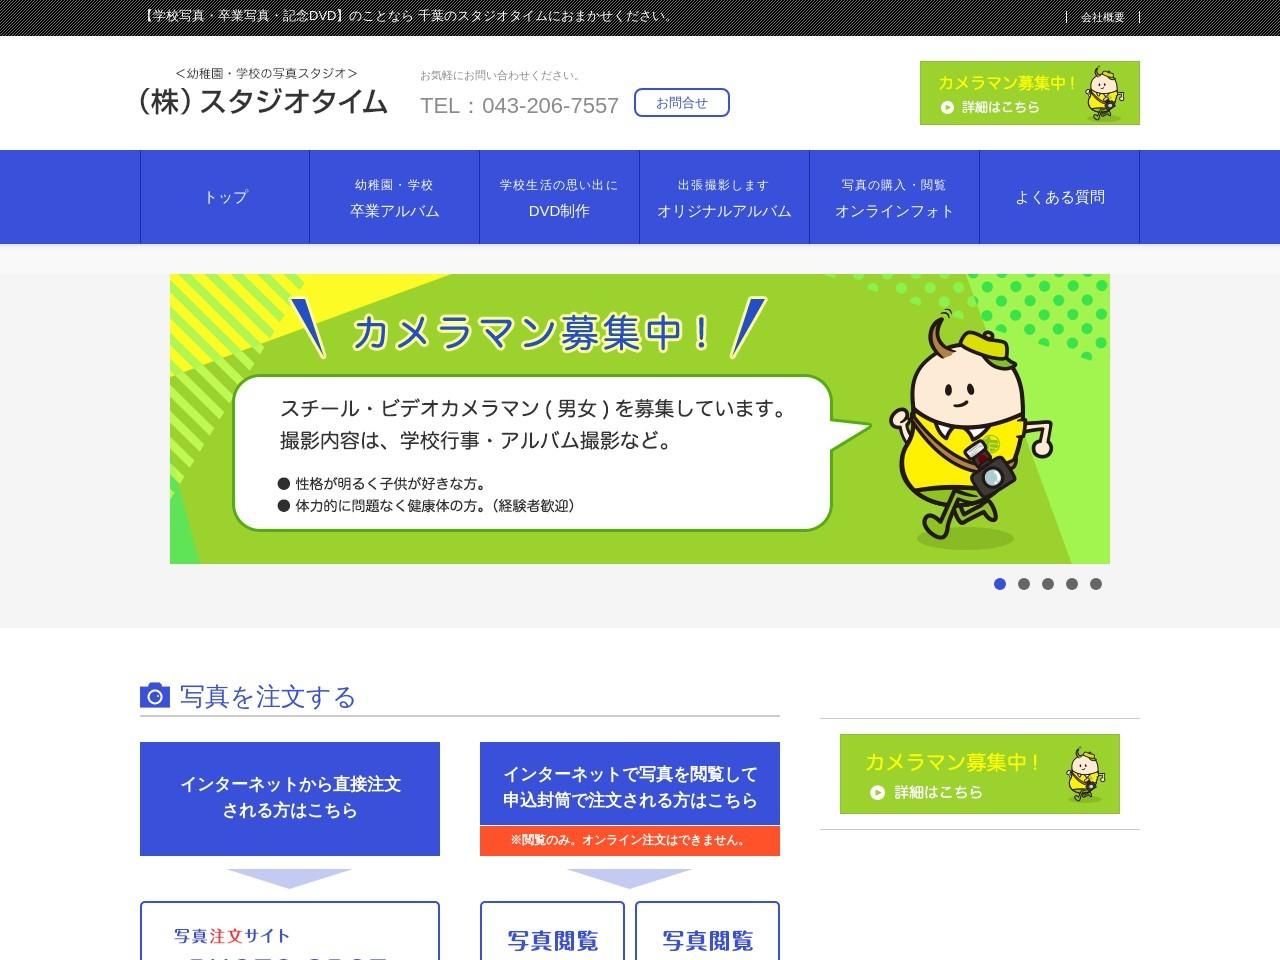 学校写真・卒業写真・記念DVD |(株)スタジオタイム | 千葉県